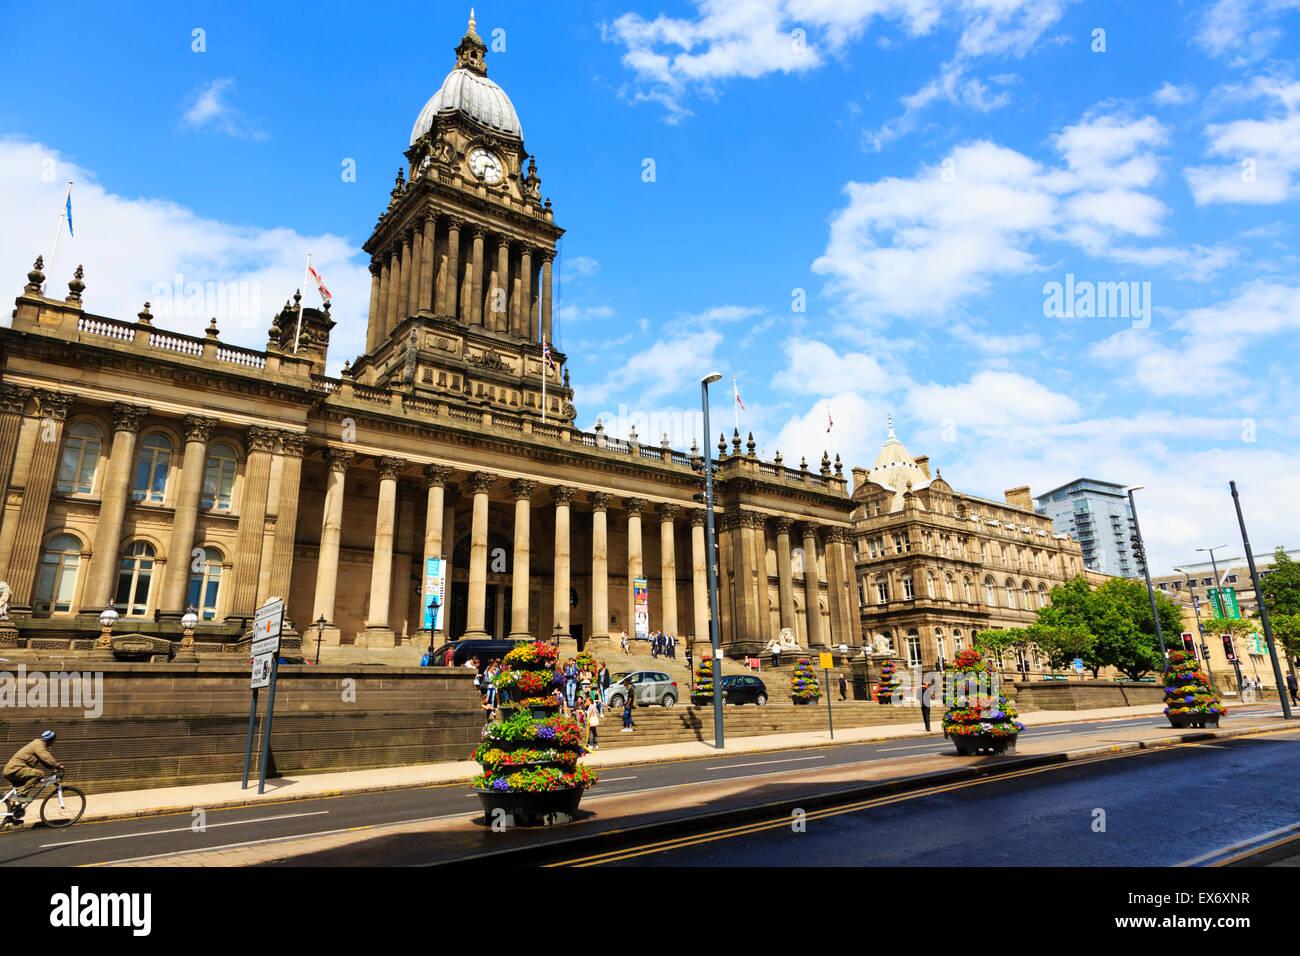 Town Hall, Leeds, United Kingdom - Stock Image